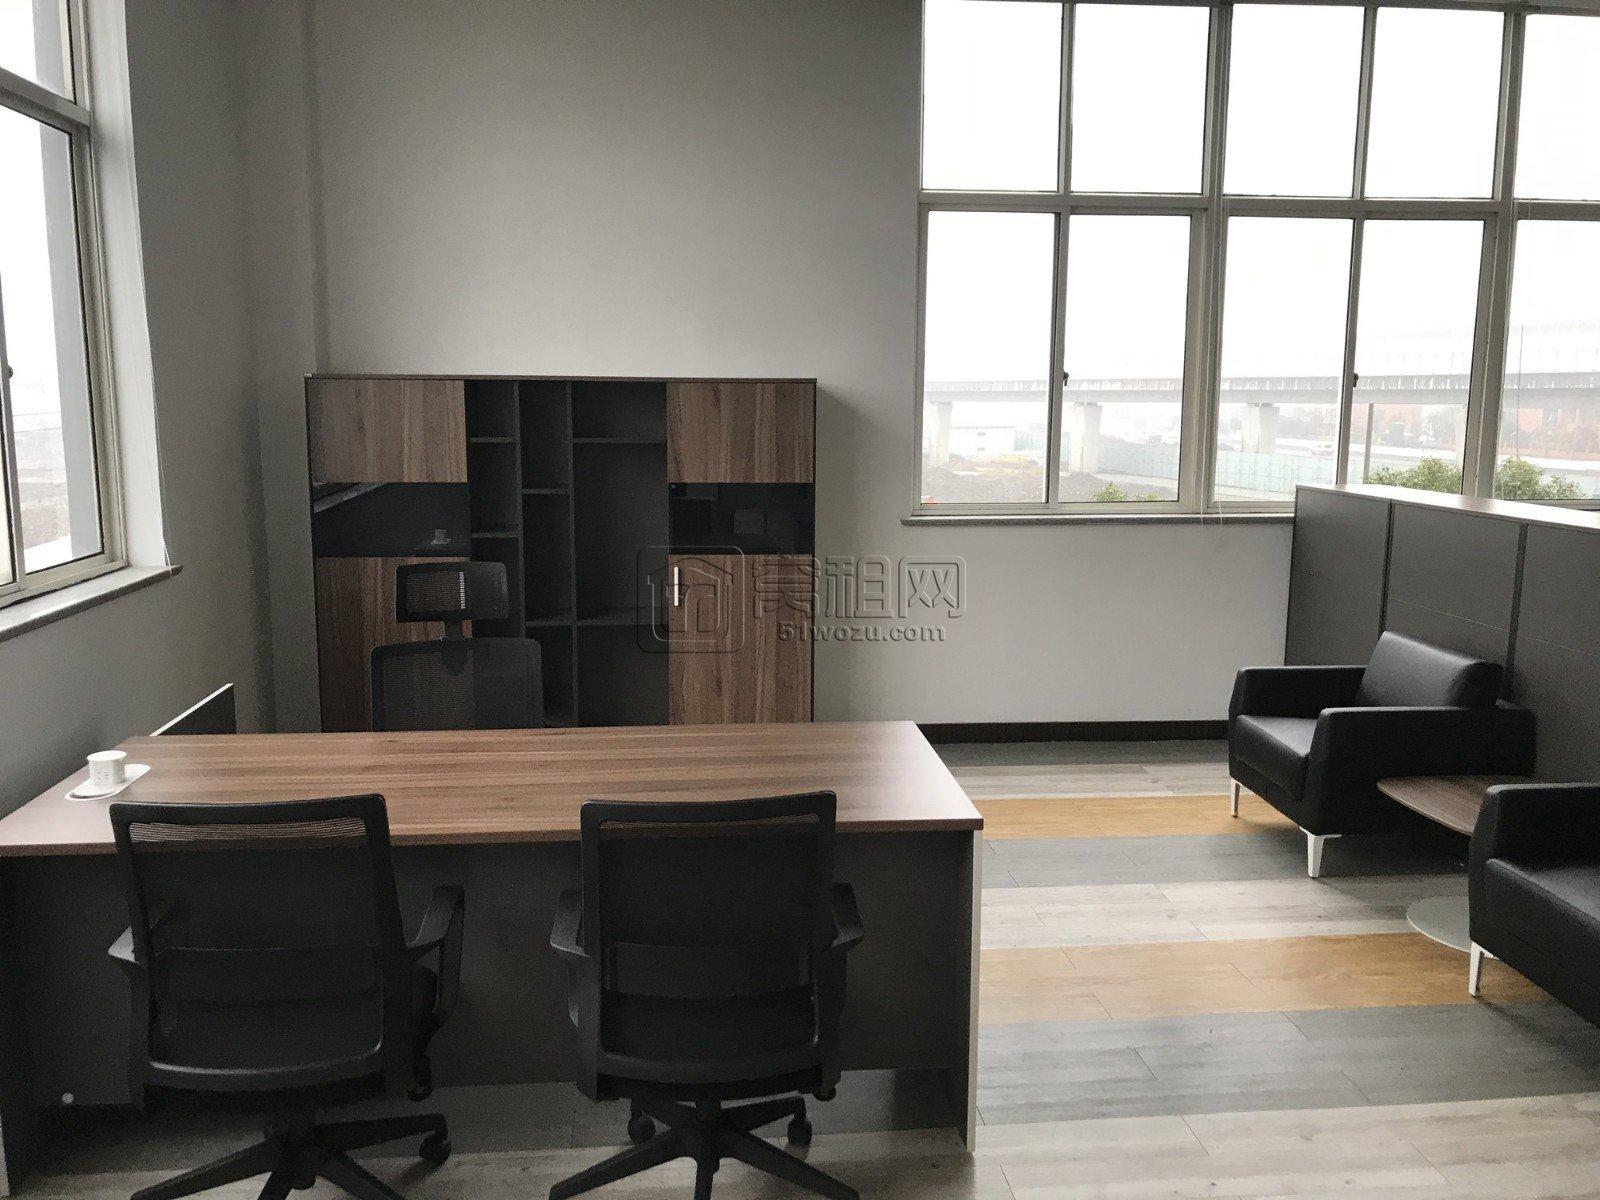 宁波姜山e舟智慧产业园办公室出租